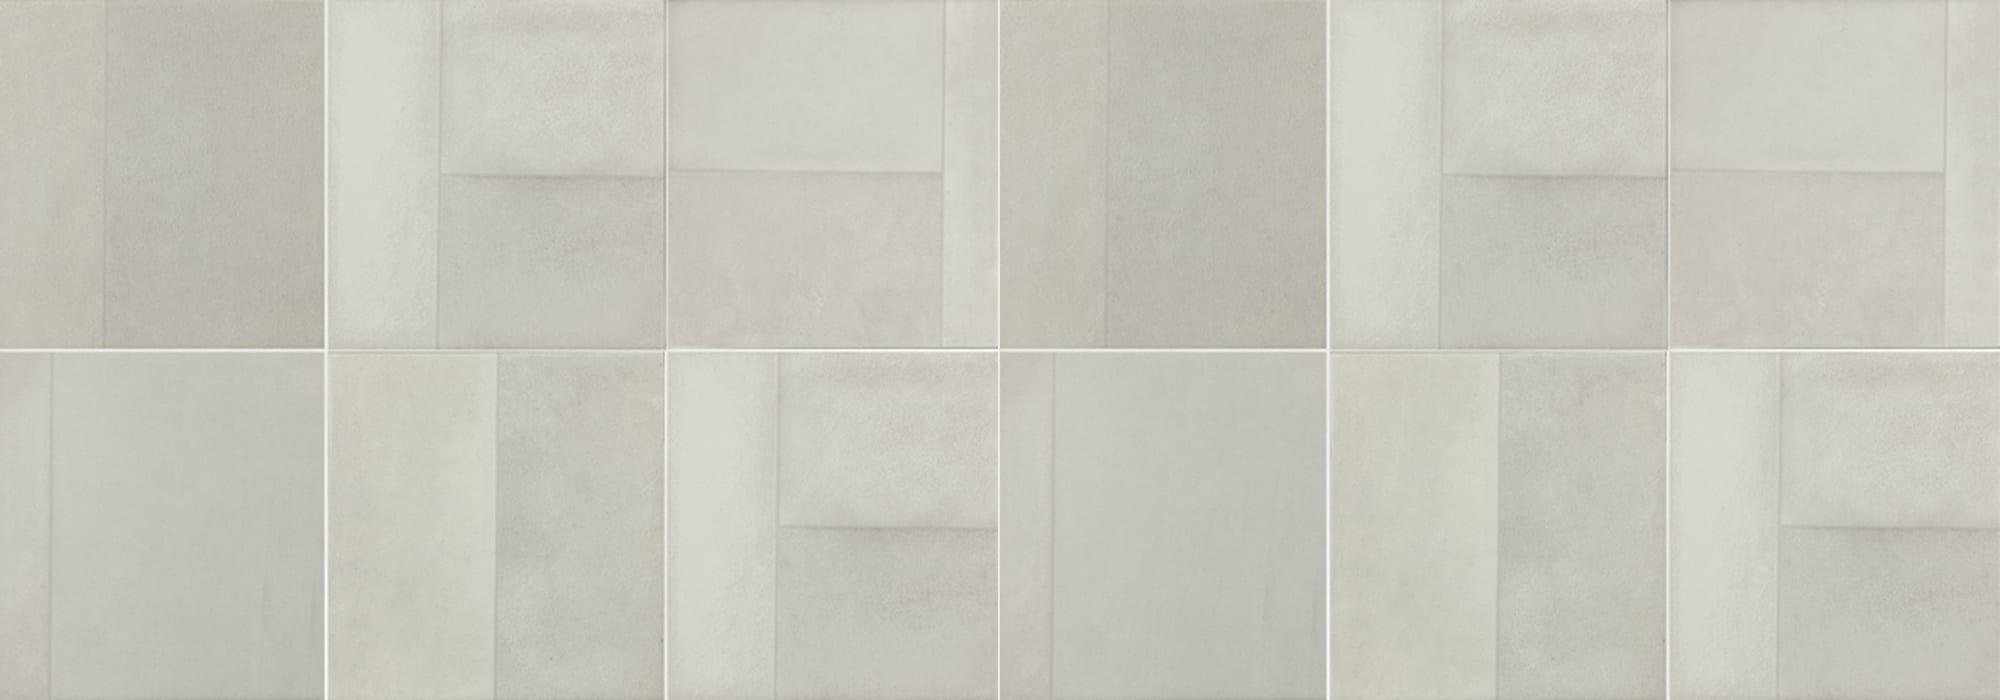 קרמיקה אורבן לבן דגם G309 by Milstone